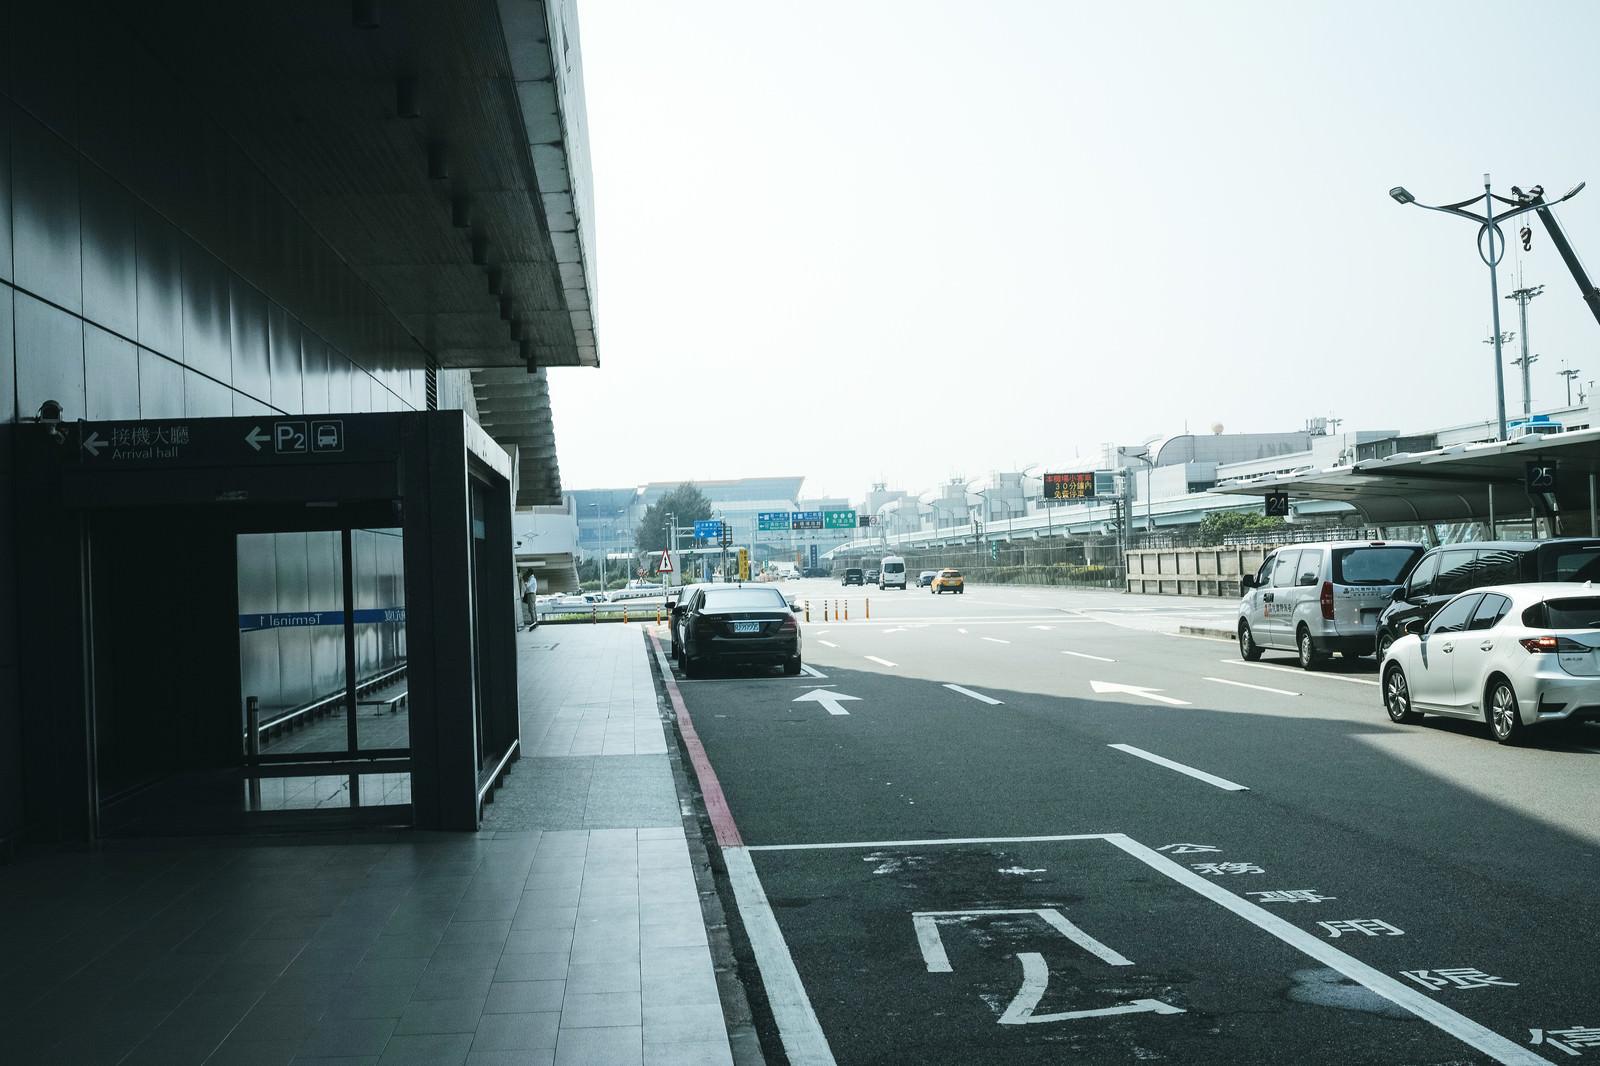 「台湾桃園国際空港のターミナル」の写真